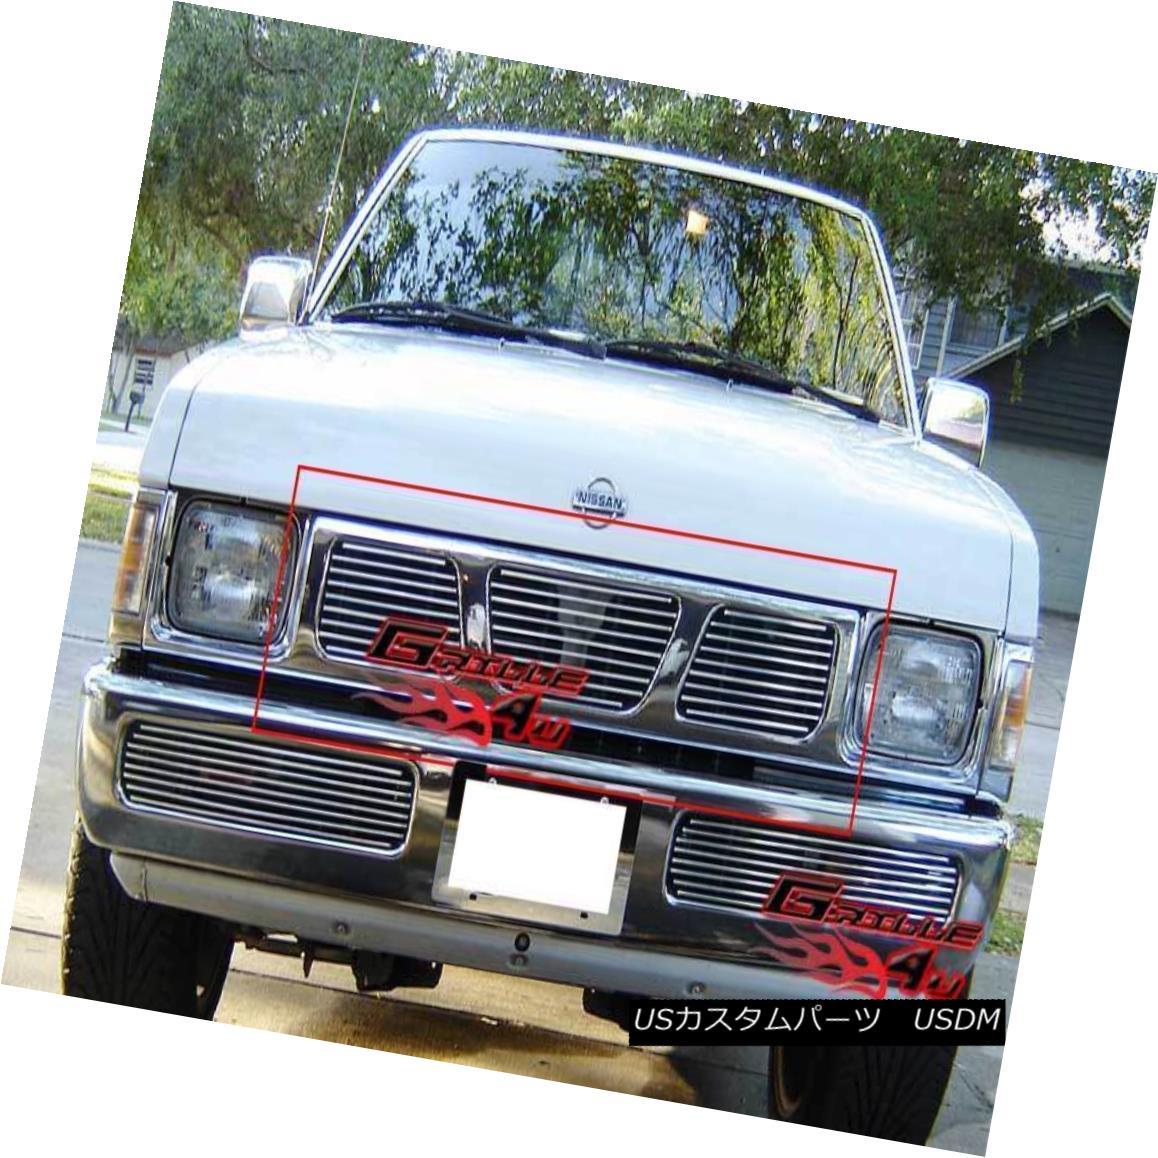 グリル Fits 95-97 Nissan Hardbody Main Upper Billet Grille Insert フィット95-97日産ハードボディメインアッパービレットグリルインサート